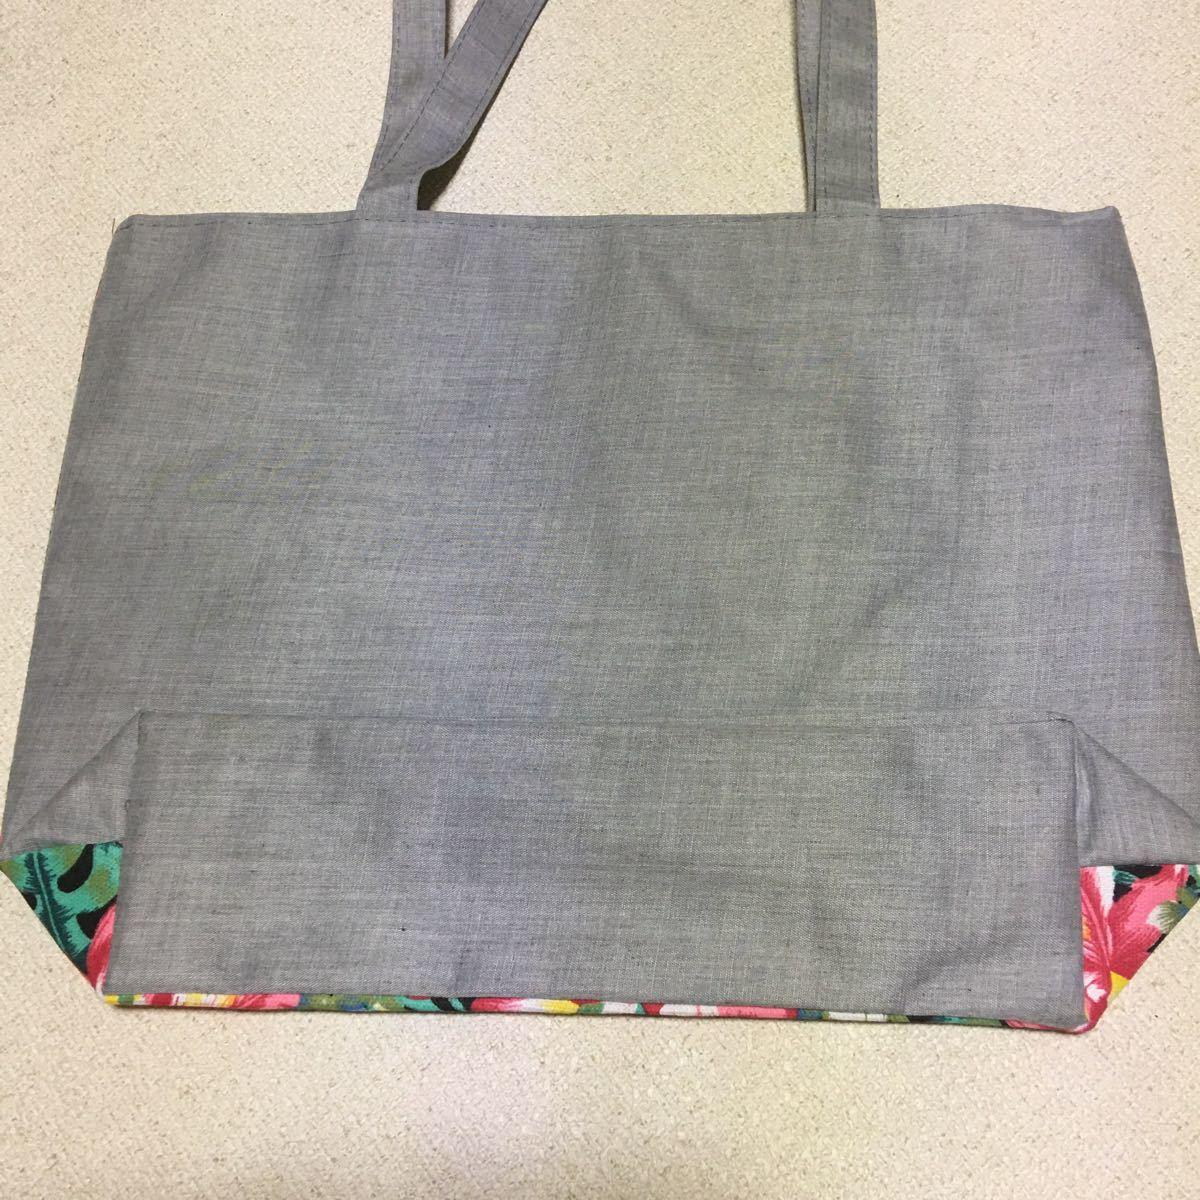 トートバッグ ショルダーバッグ キャンバス 大容量 軽量 レディースバッグ ショッピングバッグ 通勤バッグ